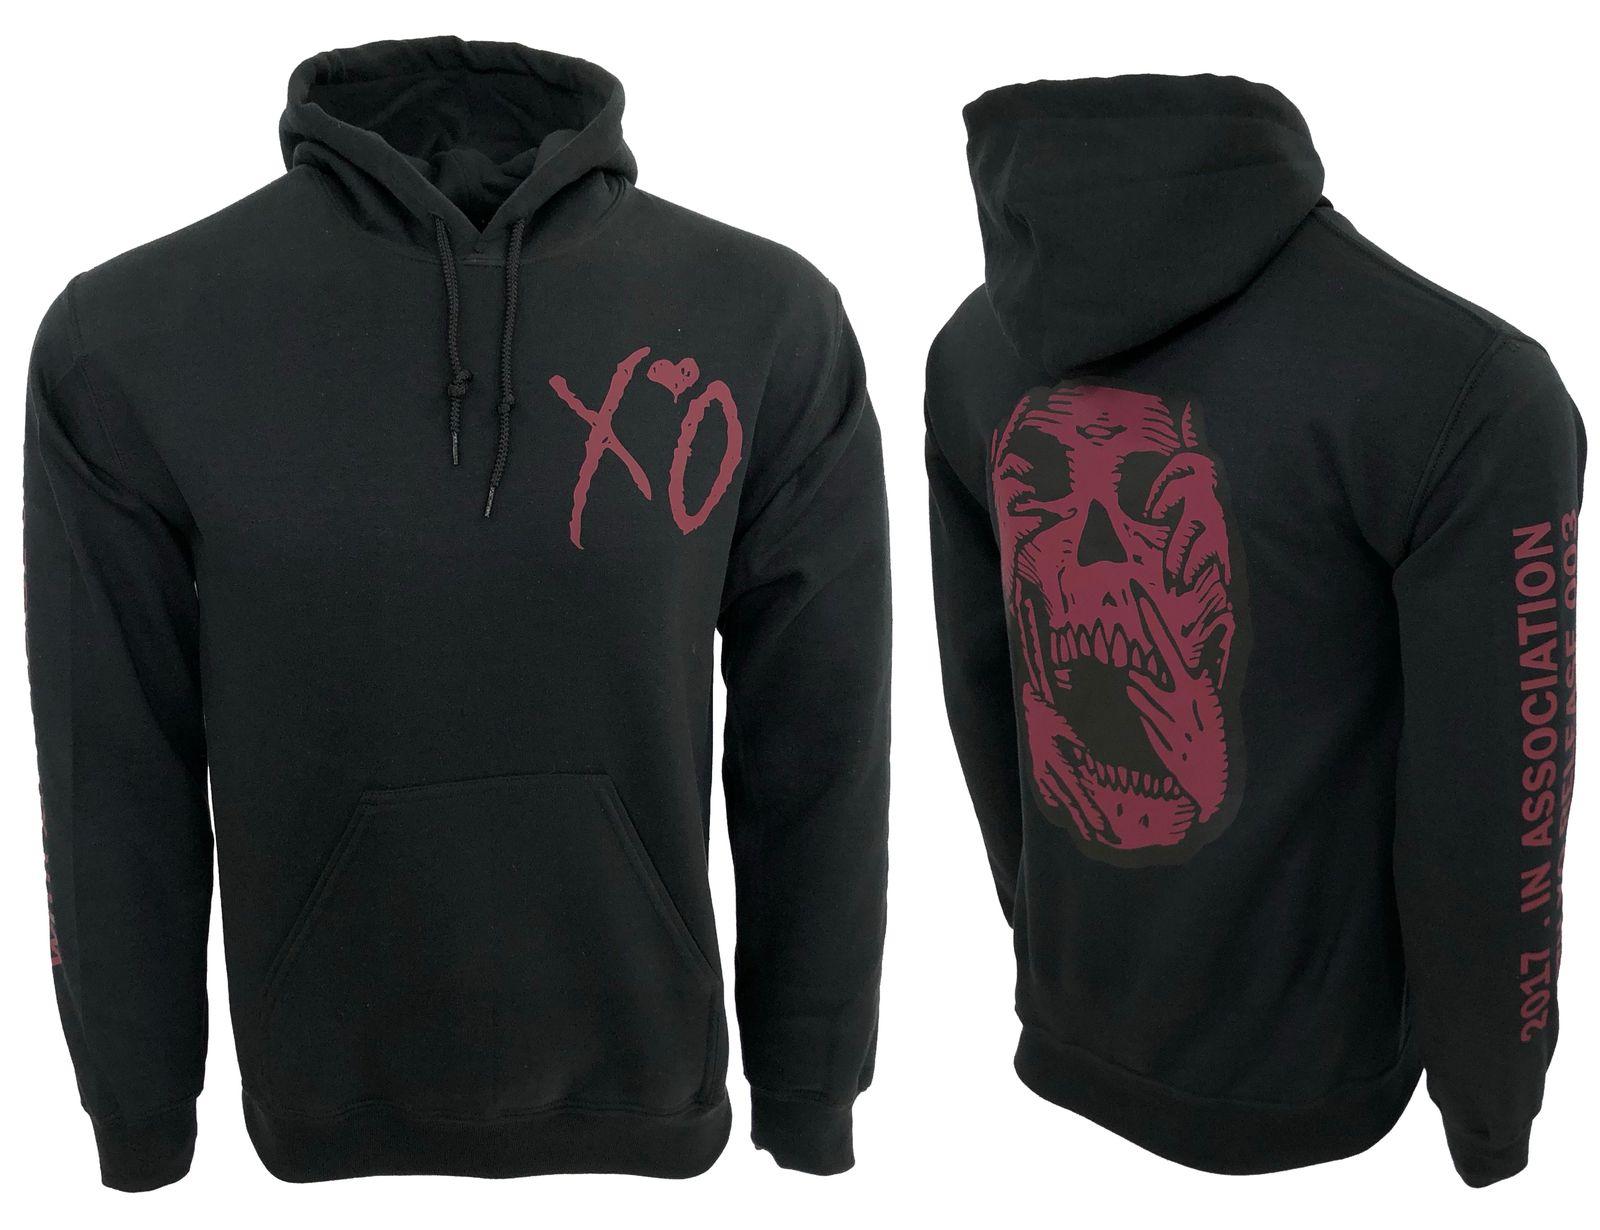 XO The Weeknd Saturnal Skull Hoodie - $29.99